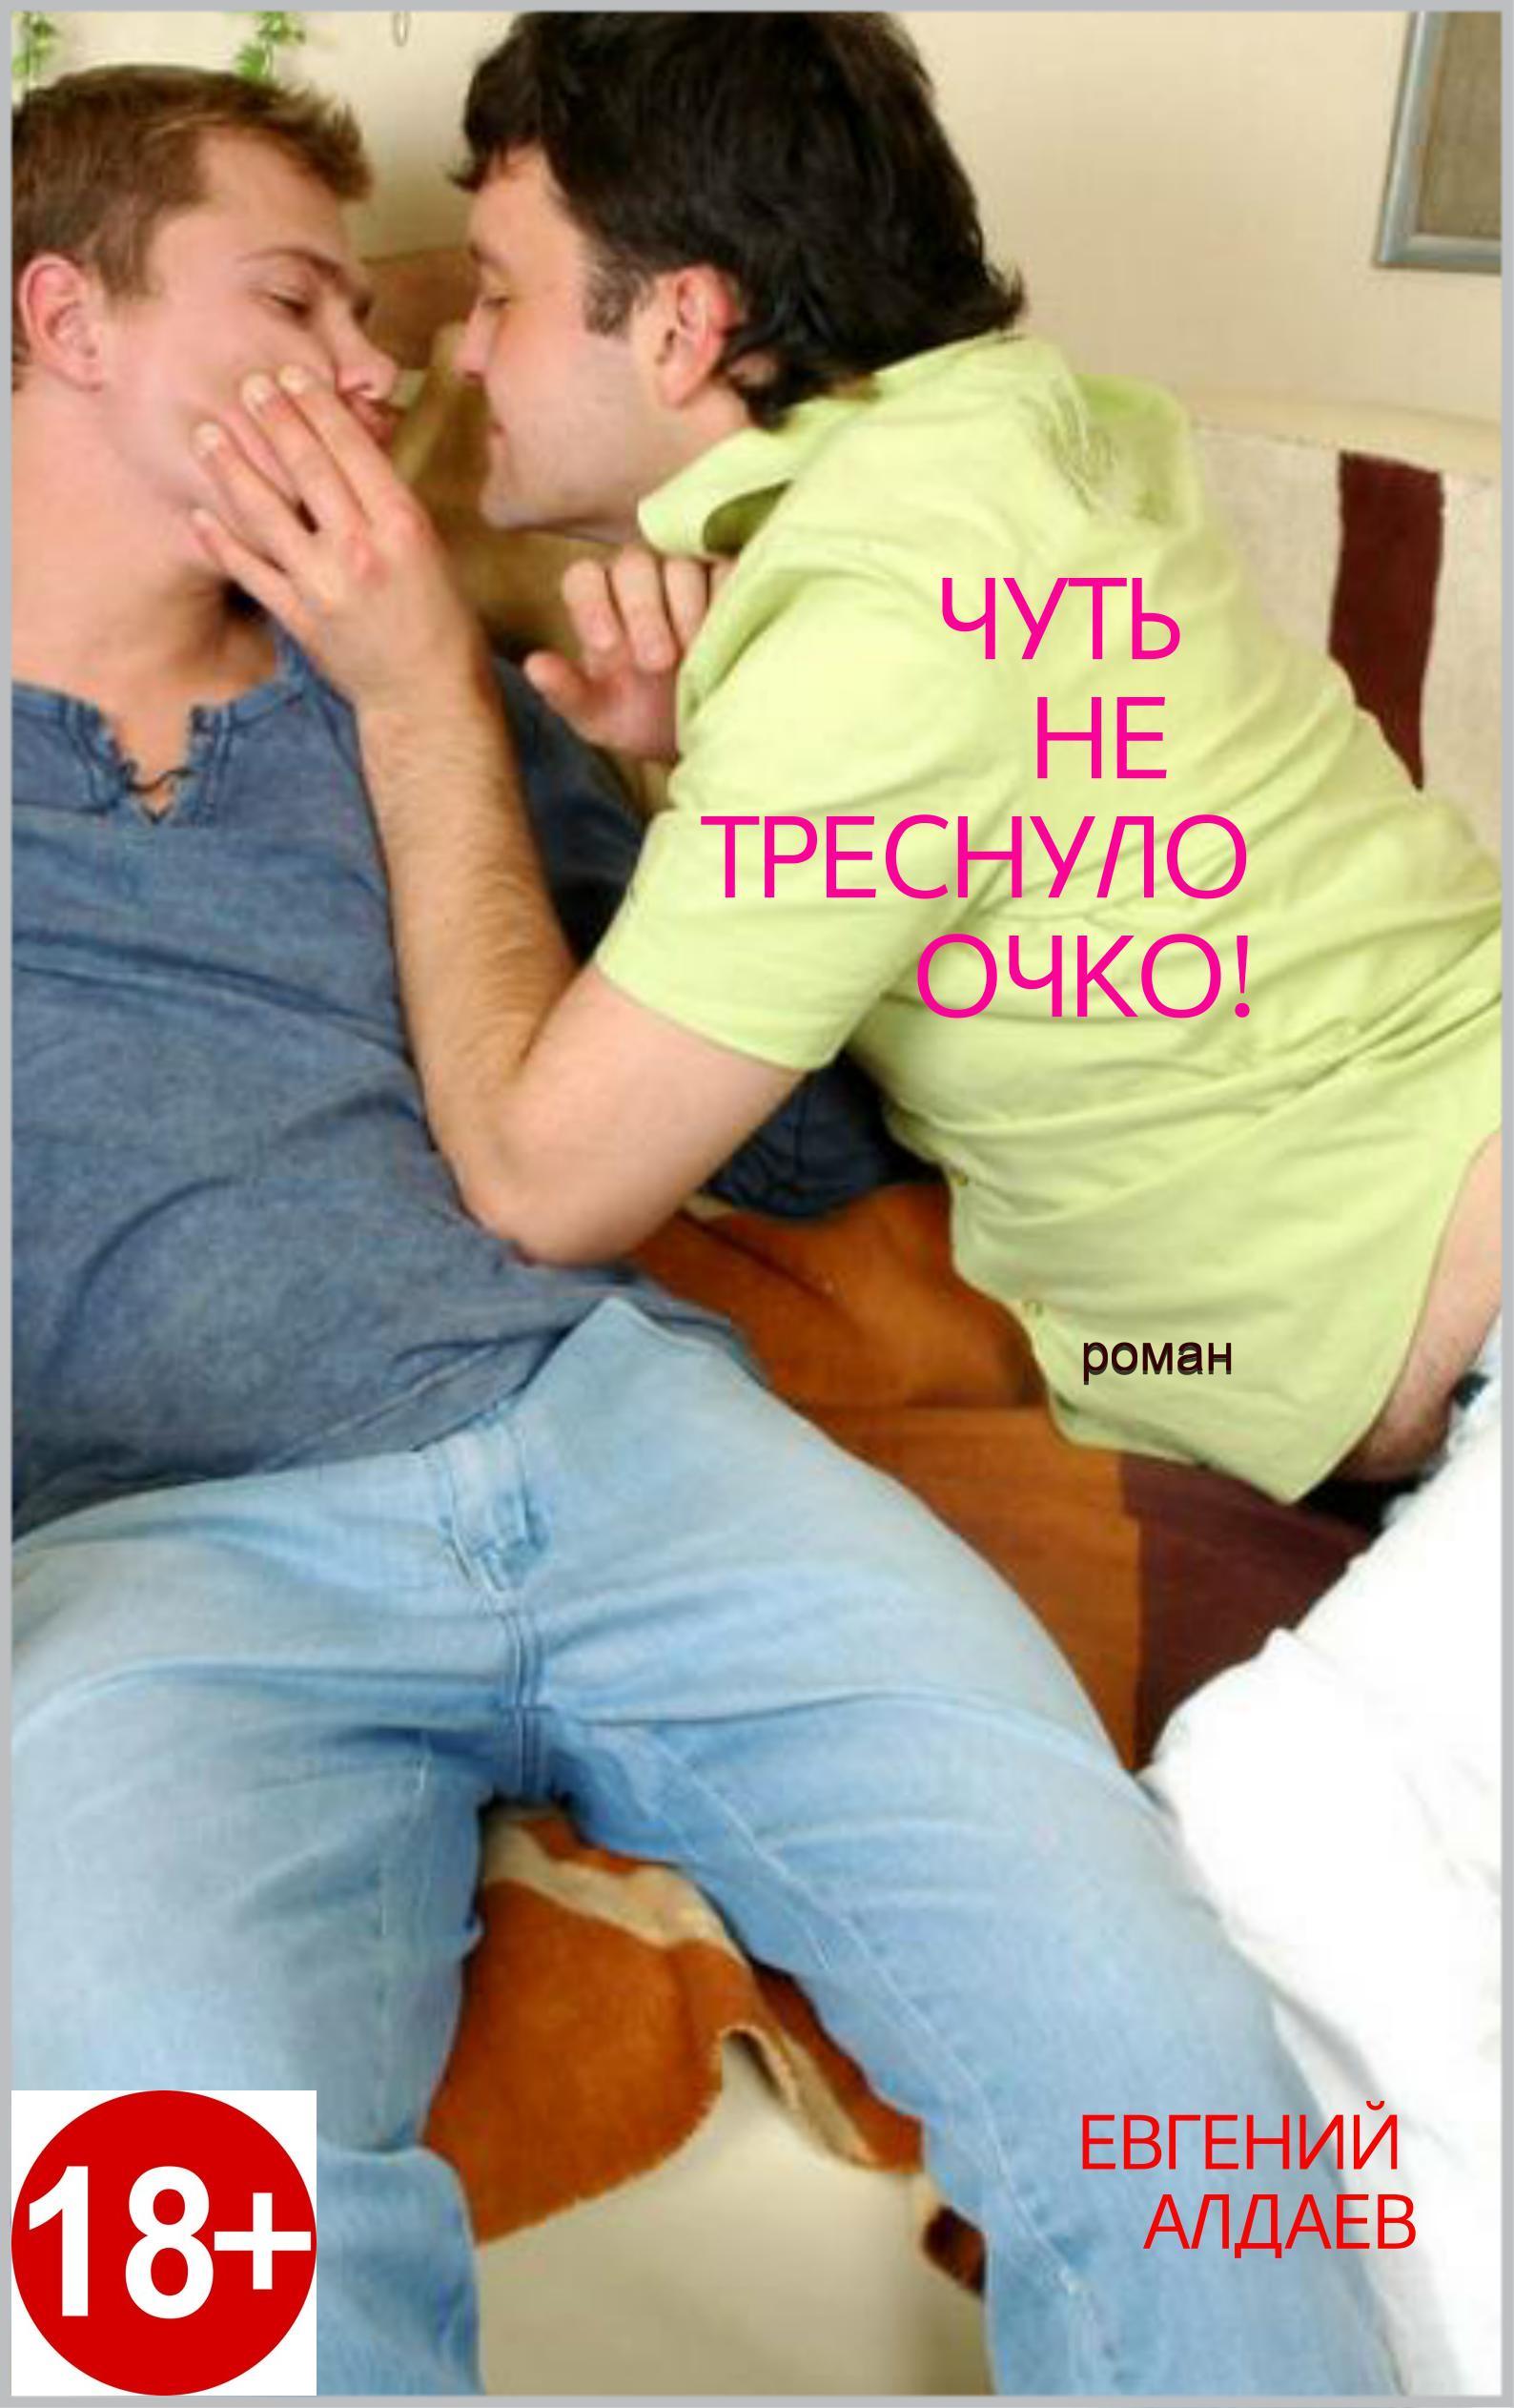 Порно пародии на русском смотреть онлайн